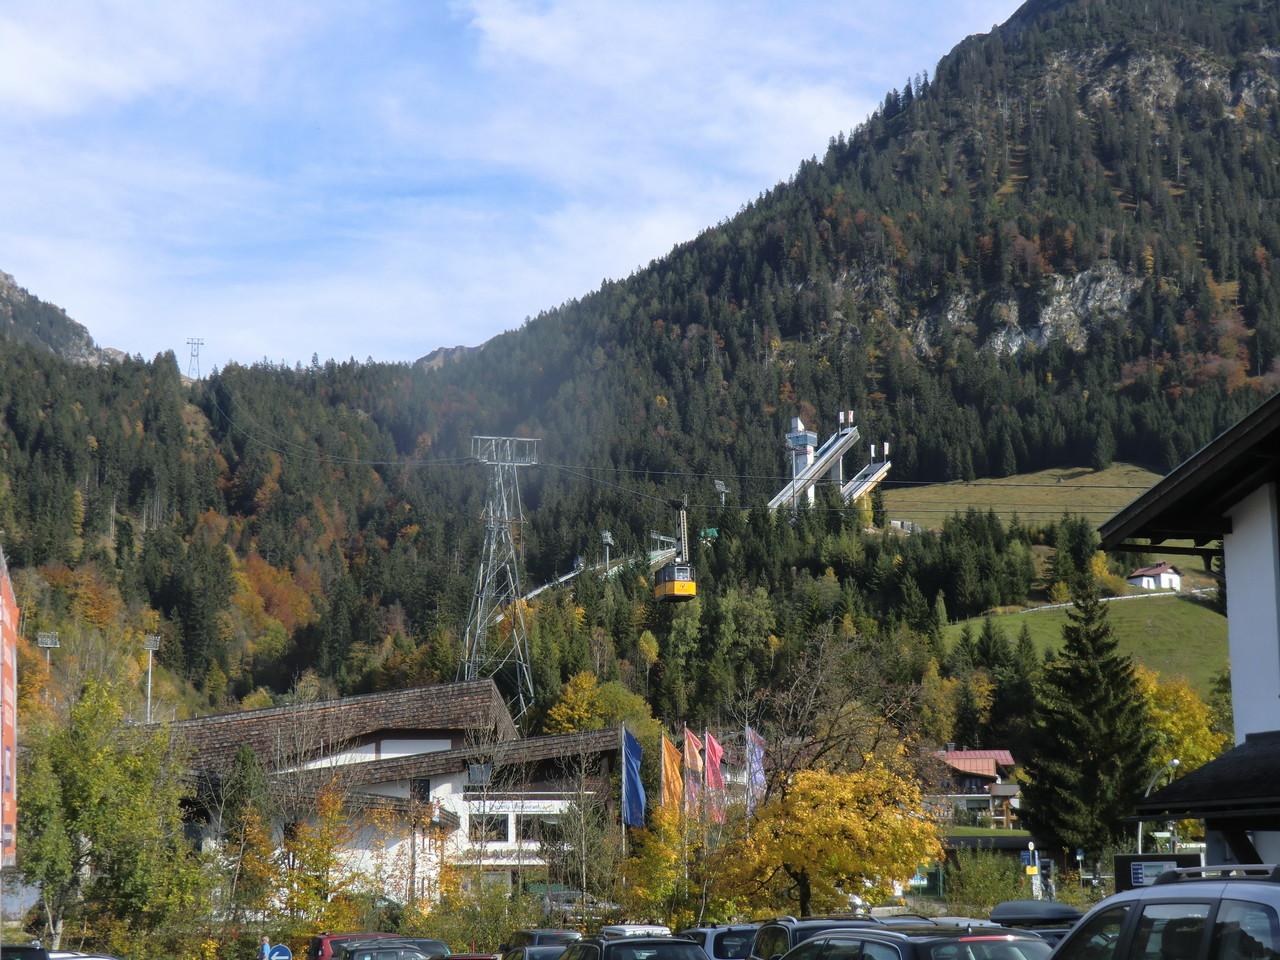 Nebelhornbahn und Sprungschanze im Hintergrund